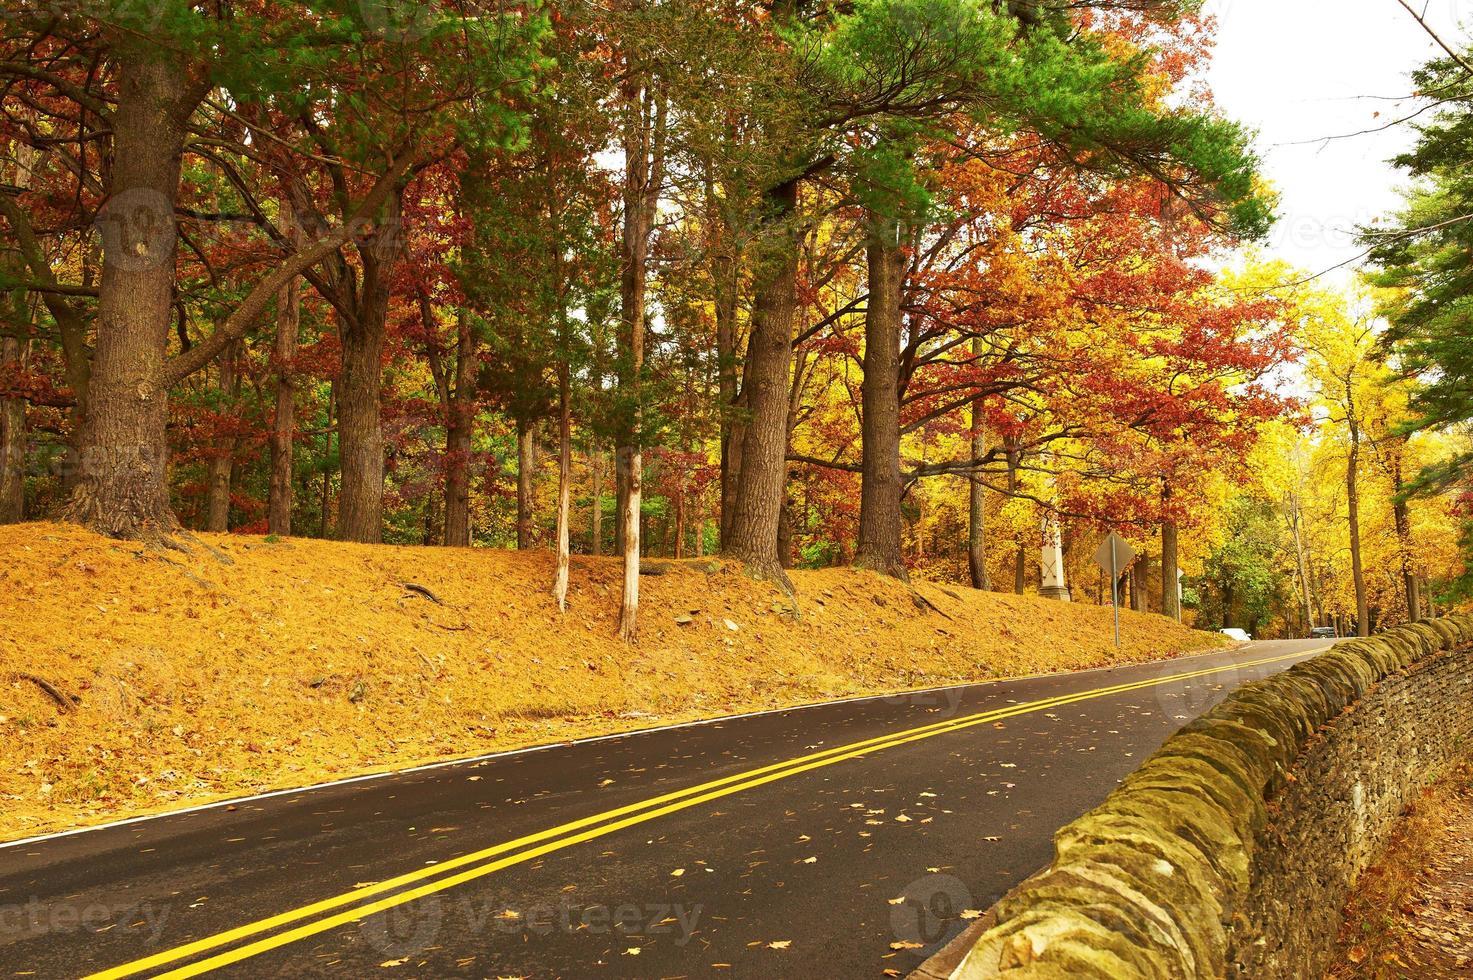 cena de outono com estrada na floresta foto